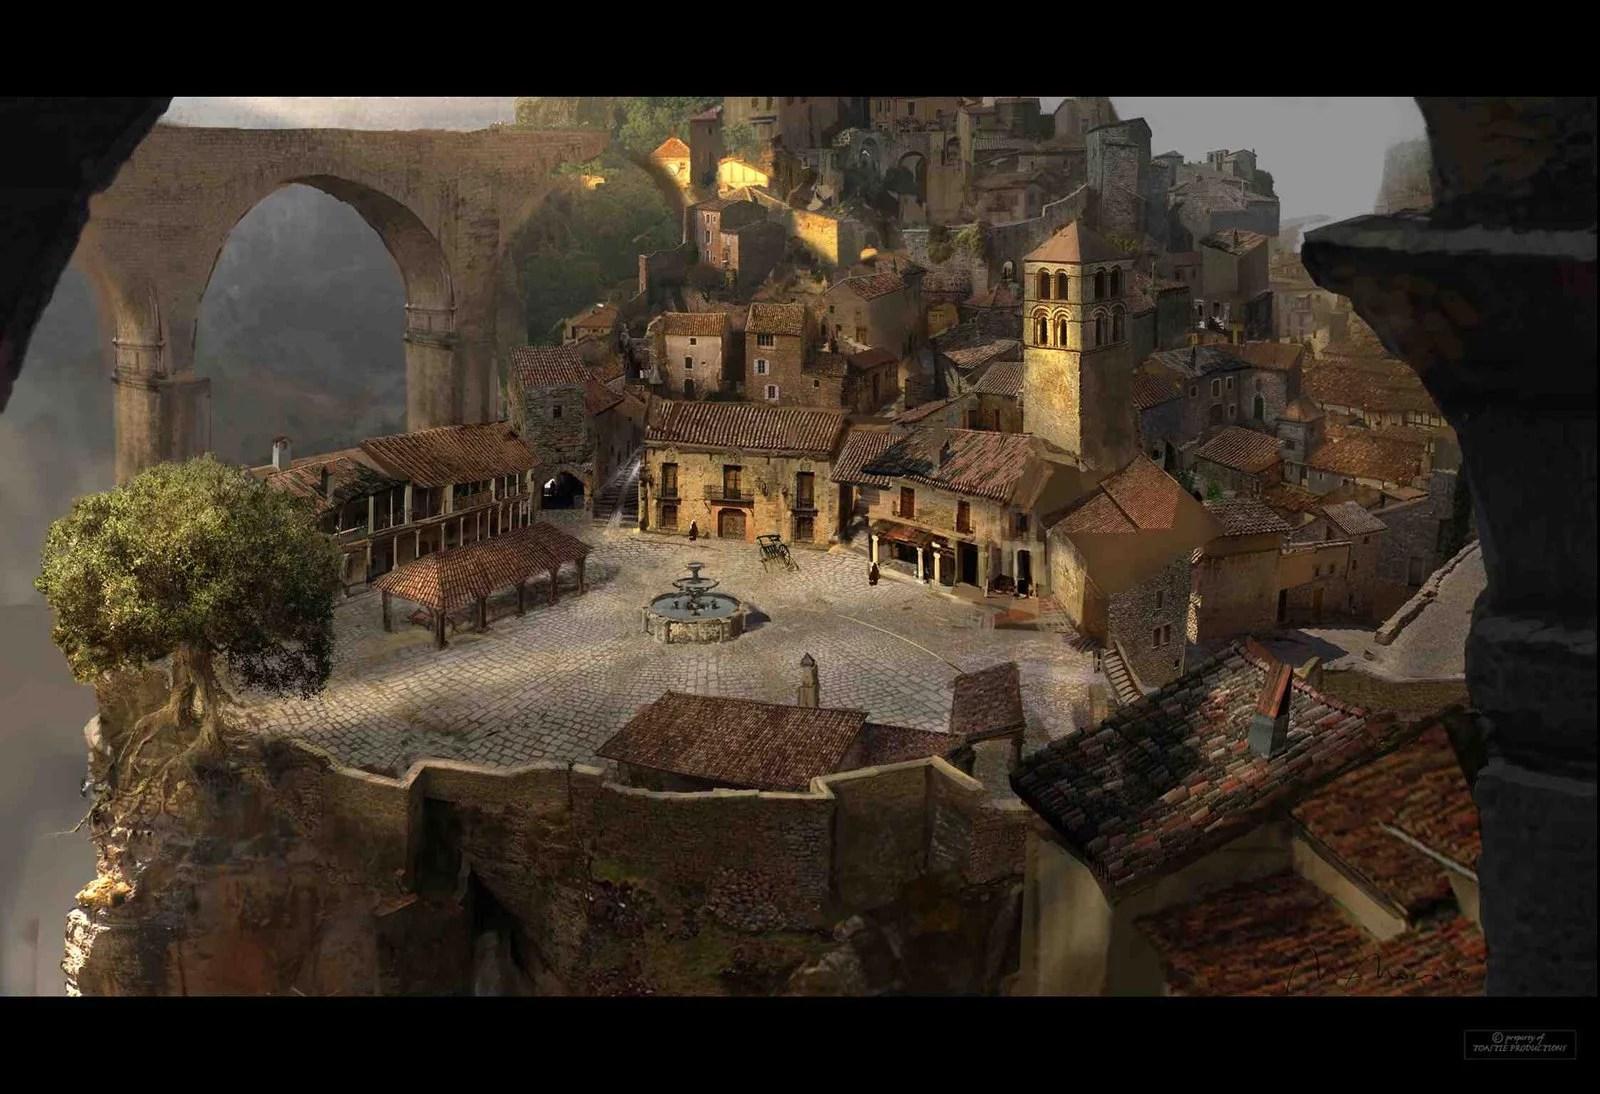 2008 12 14 Caspian4extmirazscastle